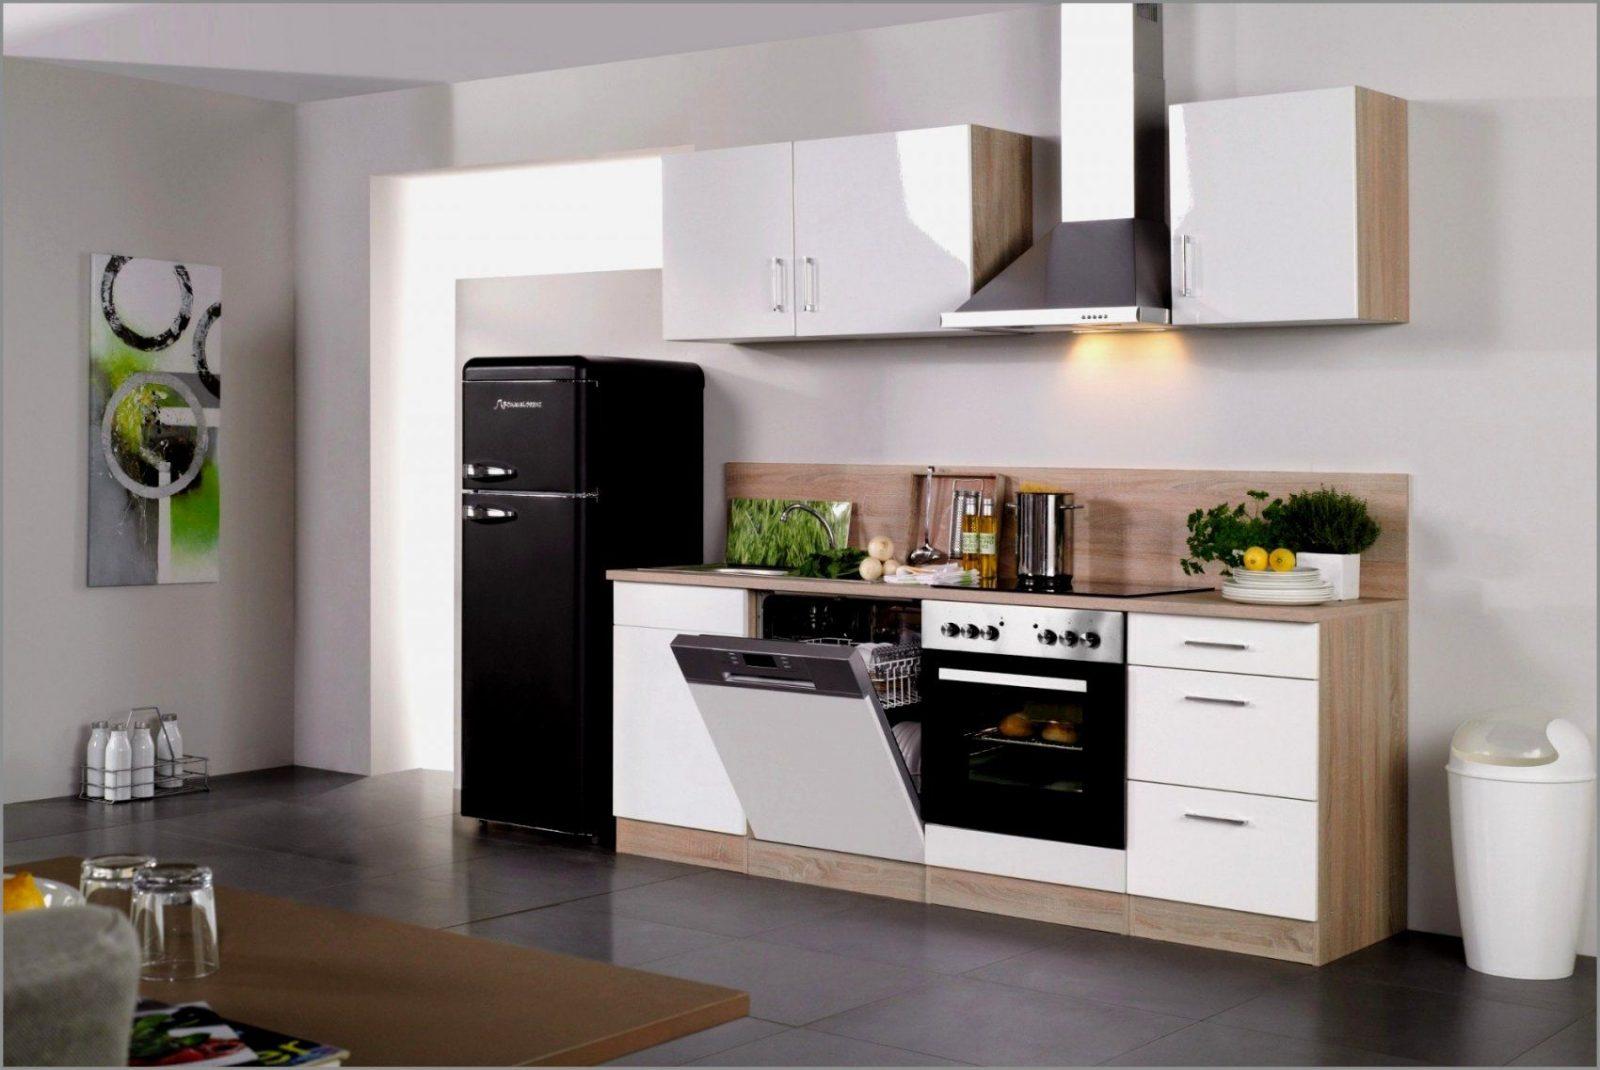 Miniküche Ohne Kühlschrank Gebraucht : Küchenblock ohne kühlschrank küchenzeile ohne kühlschrank